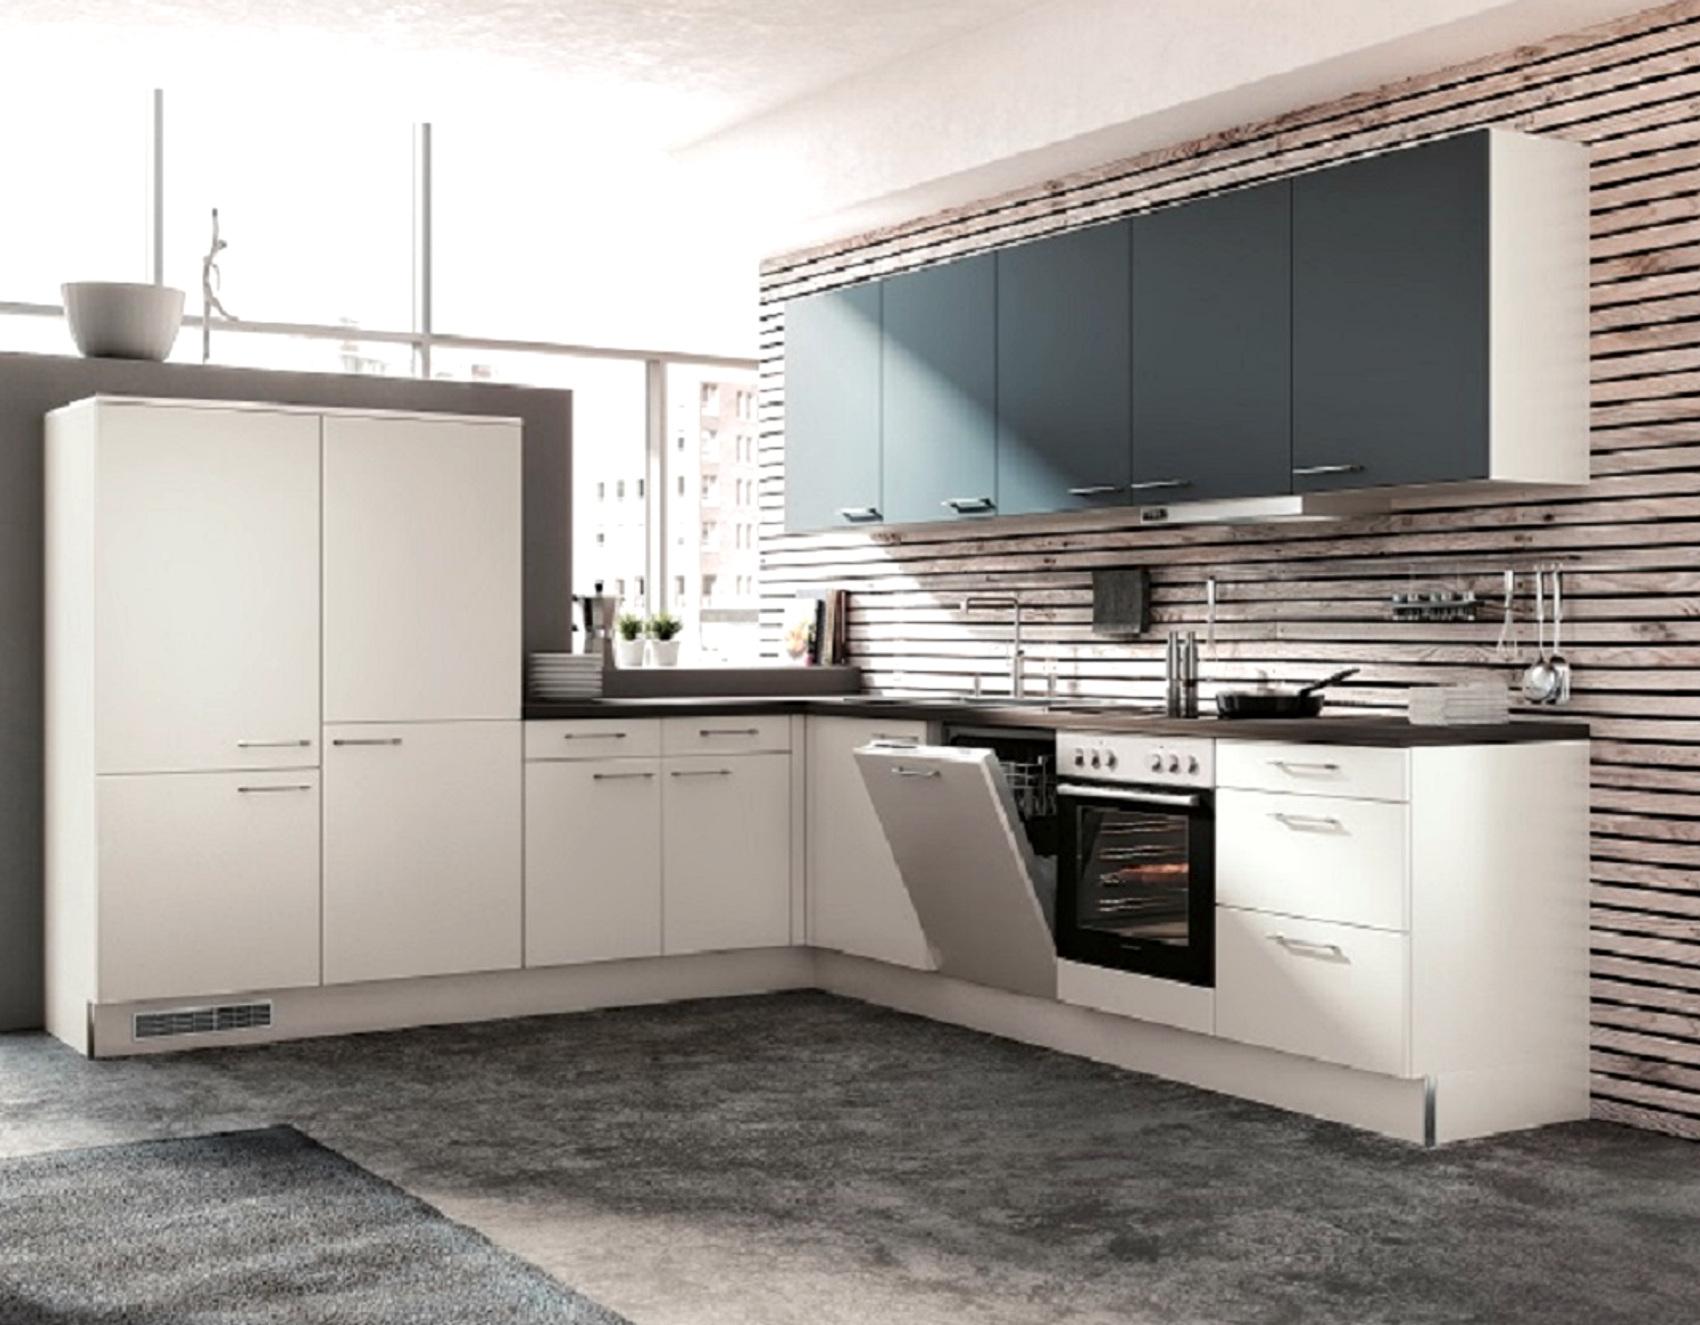 Fein Rahmenlos Küchenschränke Zeitgenössisch - Küche Set Ideen ...